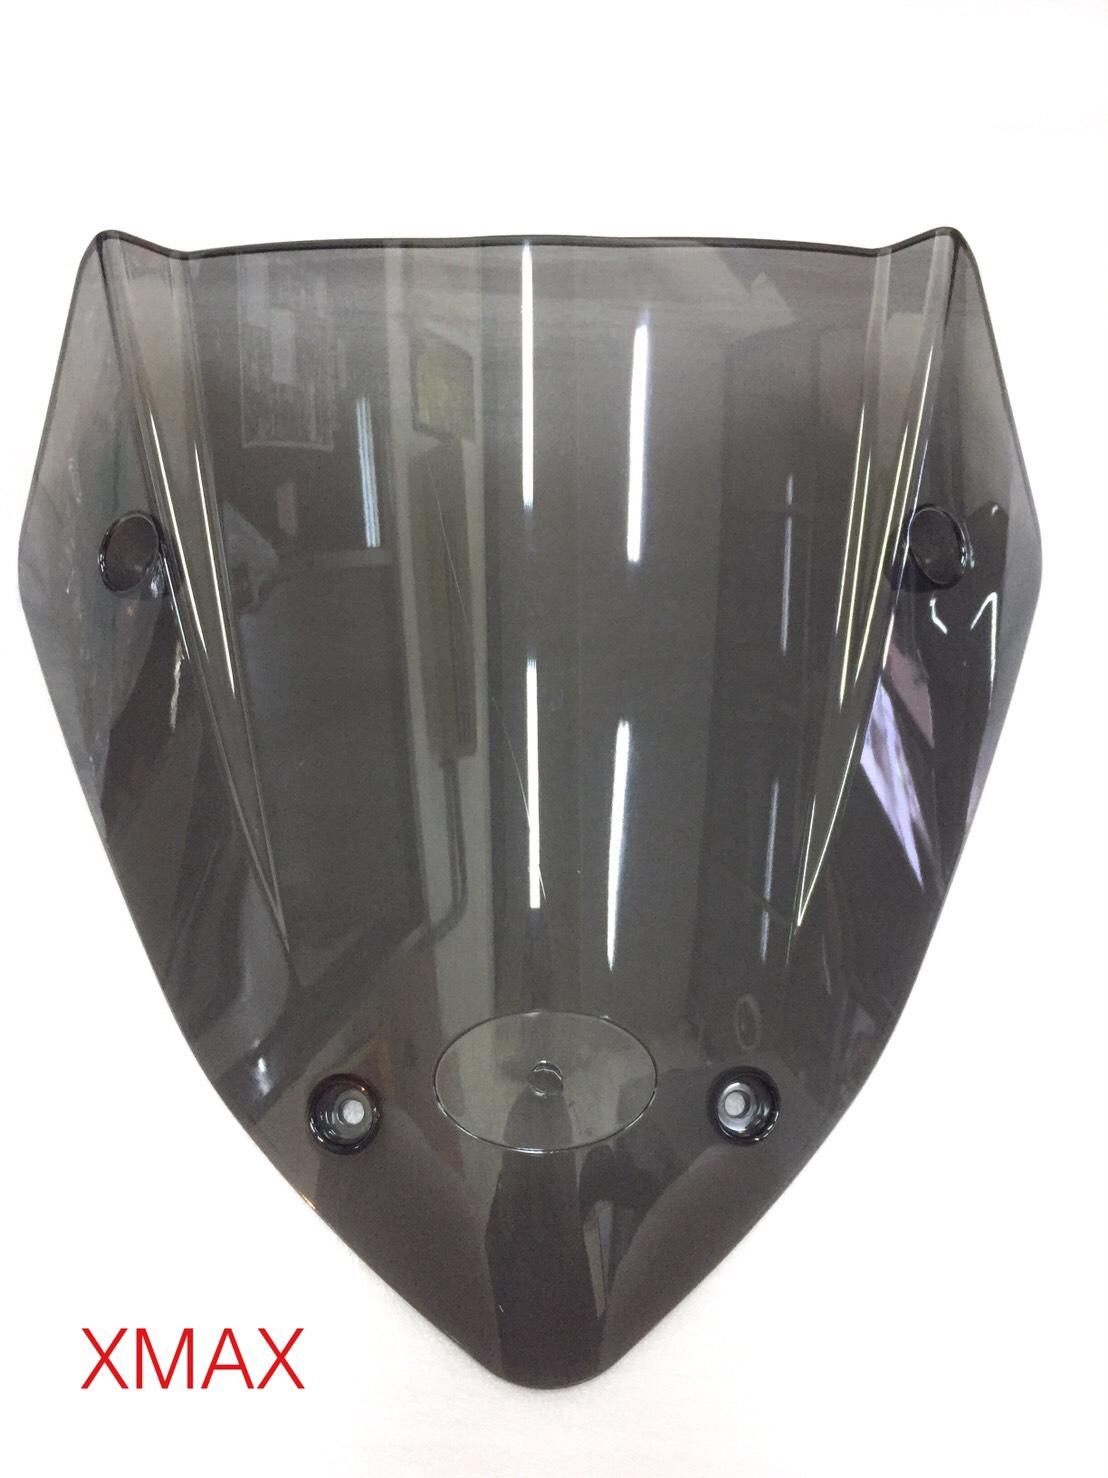 ชิวหน้าอะคริลิก YAMAHA X-MAX 300 ราคา850